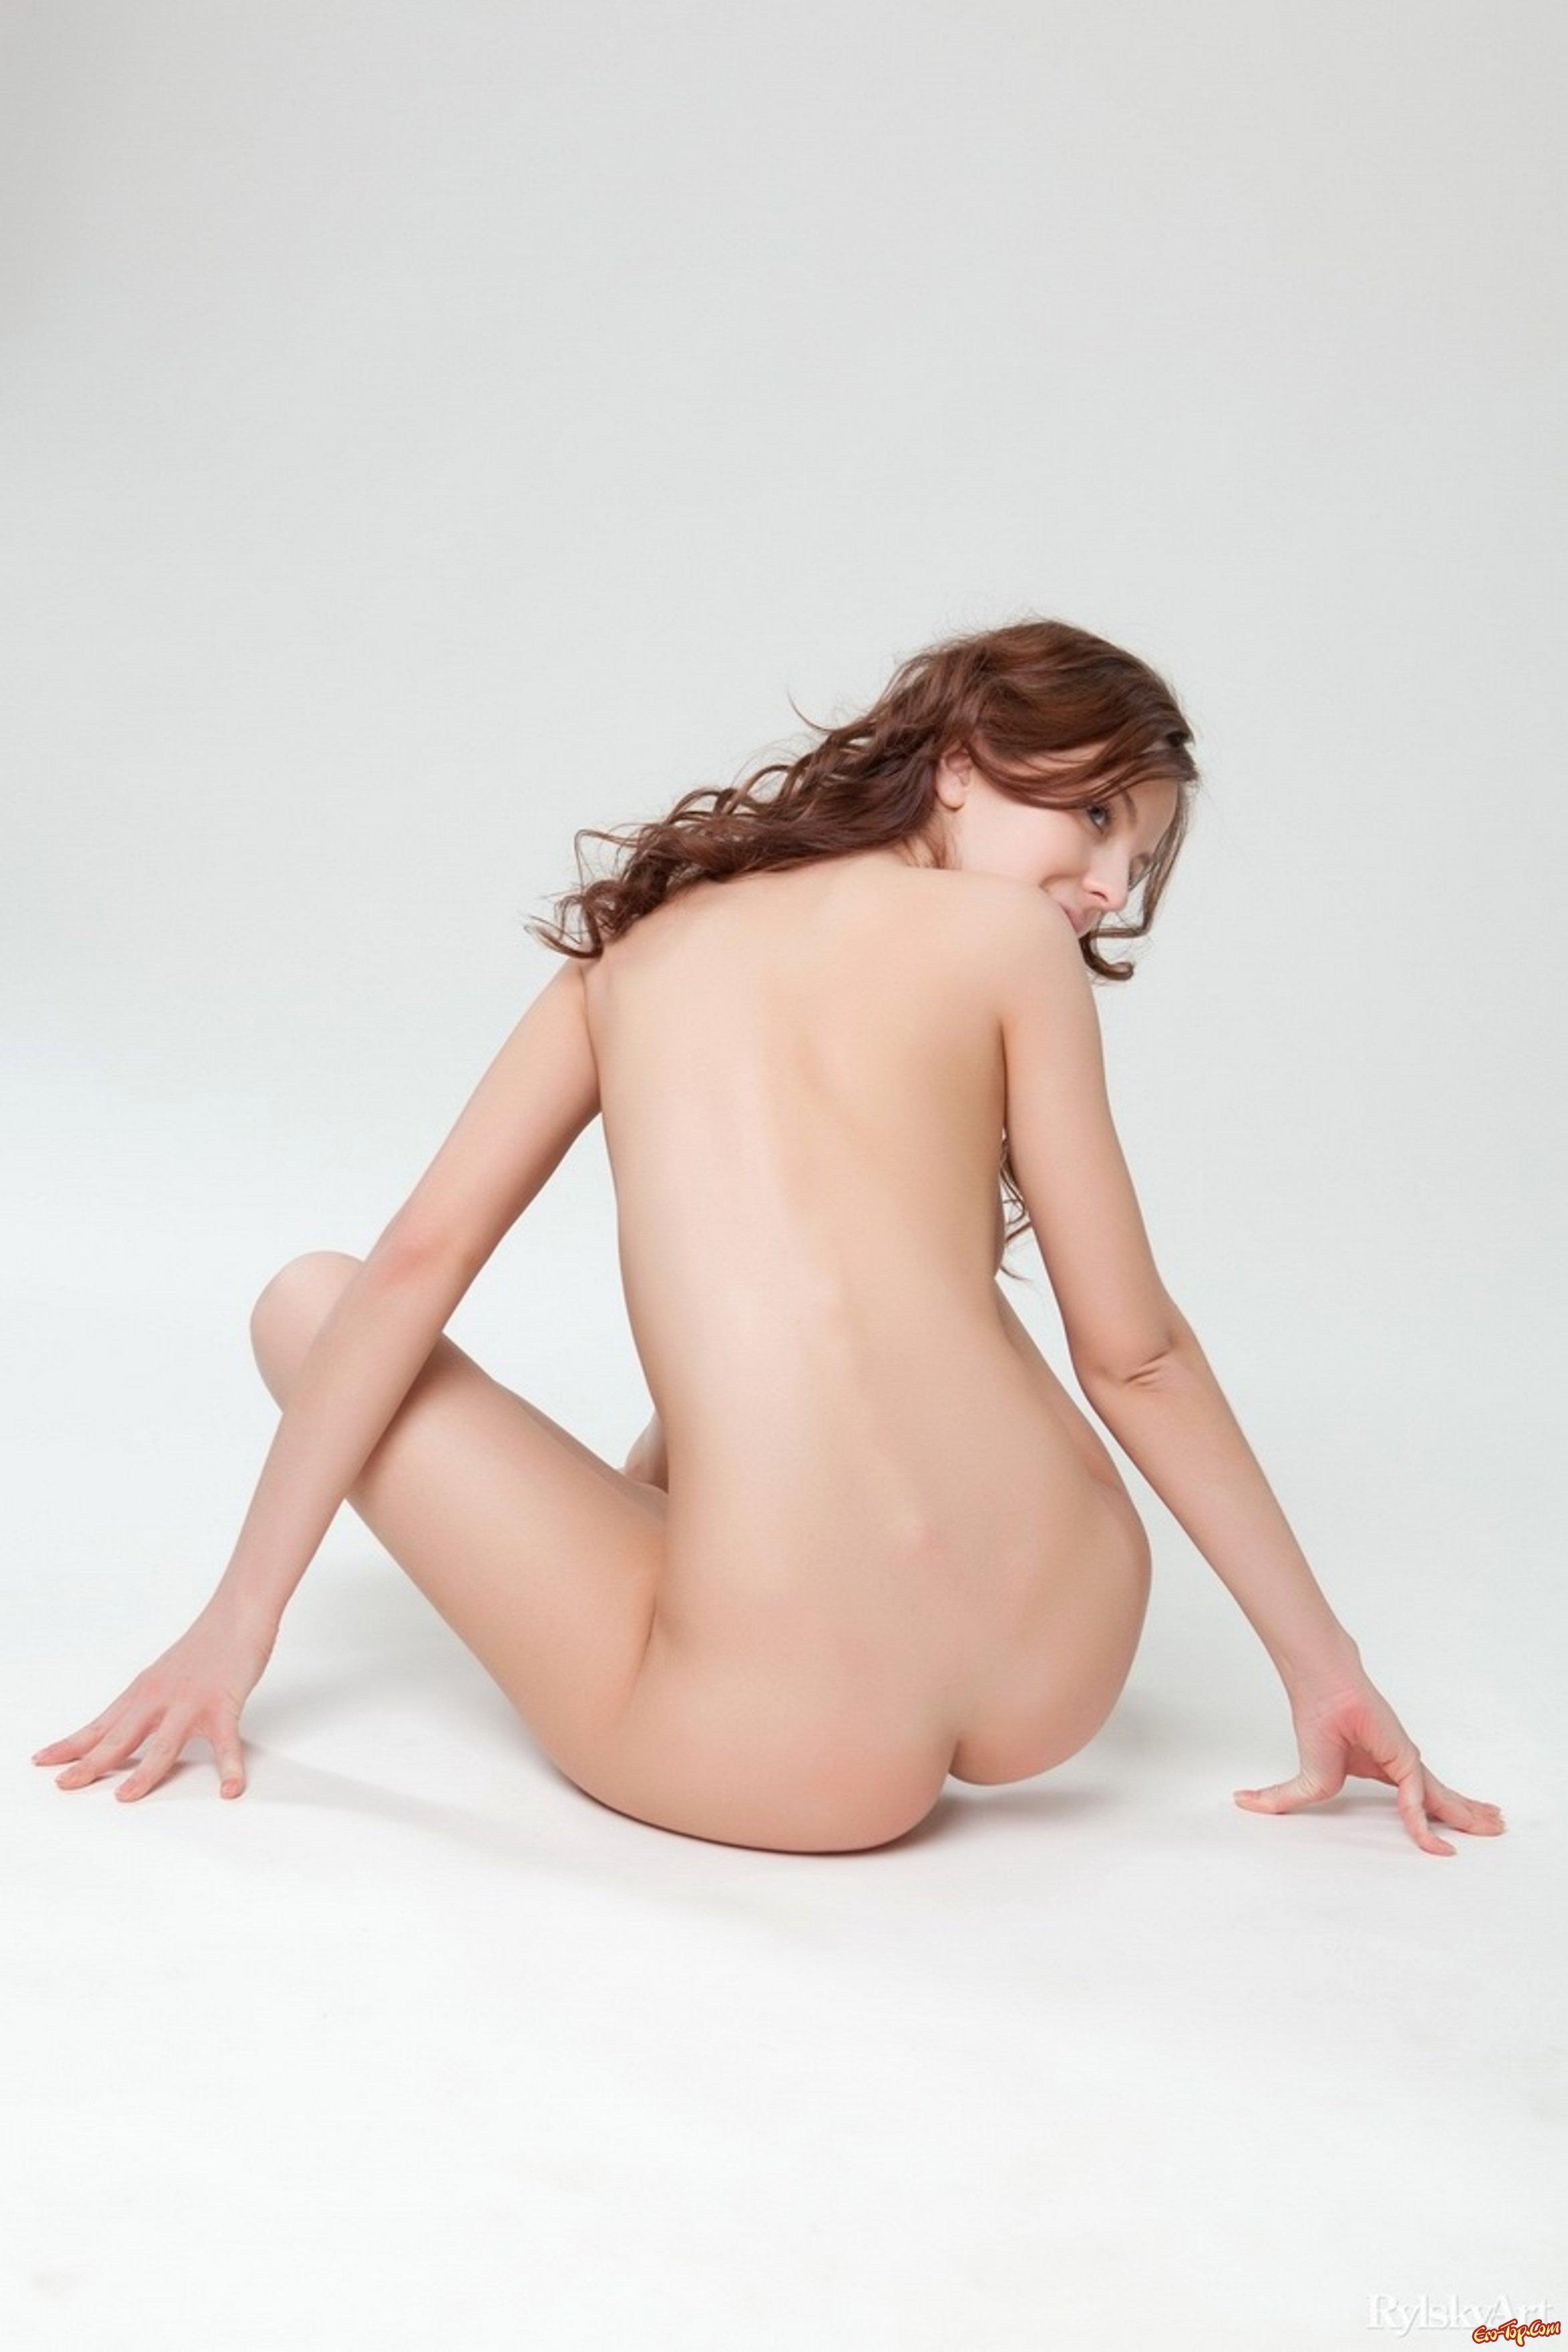 Эротическое портфолио девушек 6 фотография